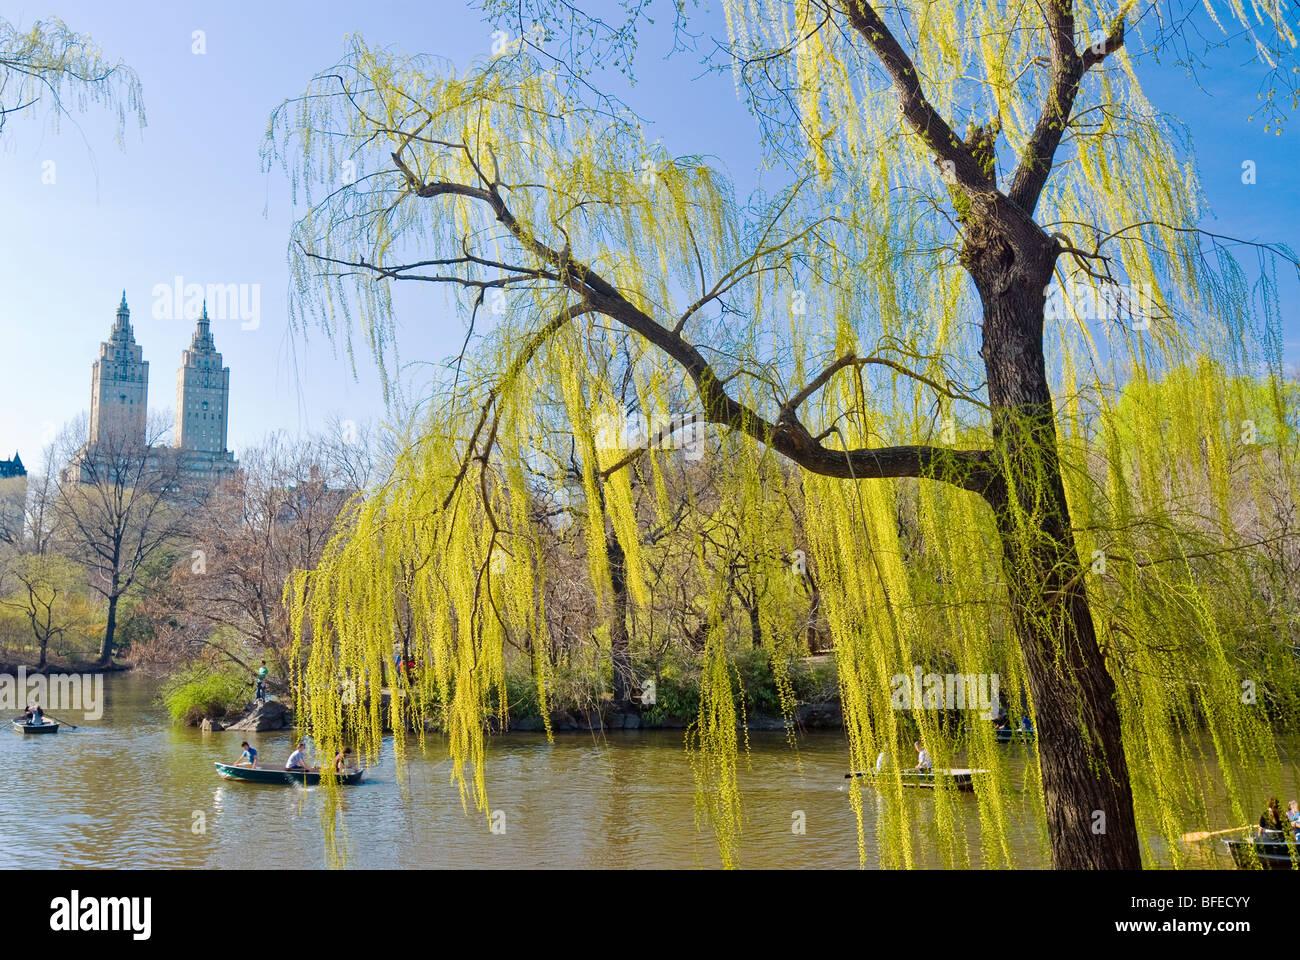 Der See im Central Park in New York City mit den San Remo Apartments am Central Park West in den Hintergrund. Stockbild